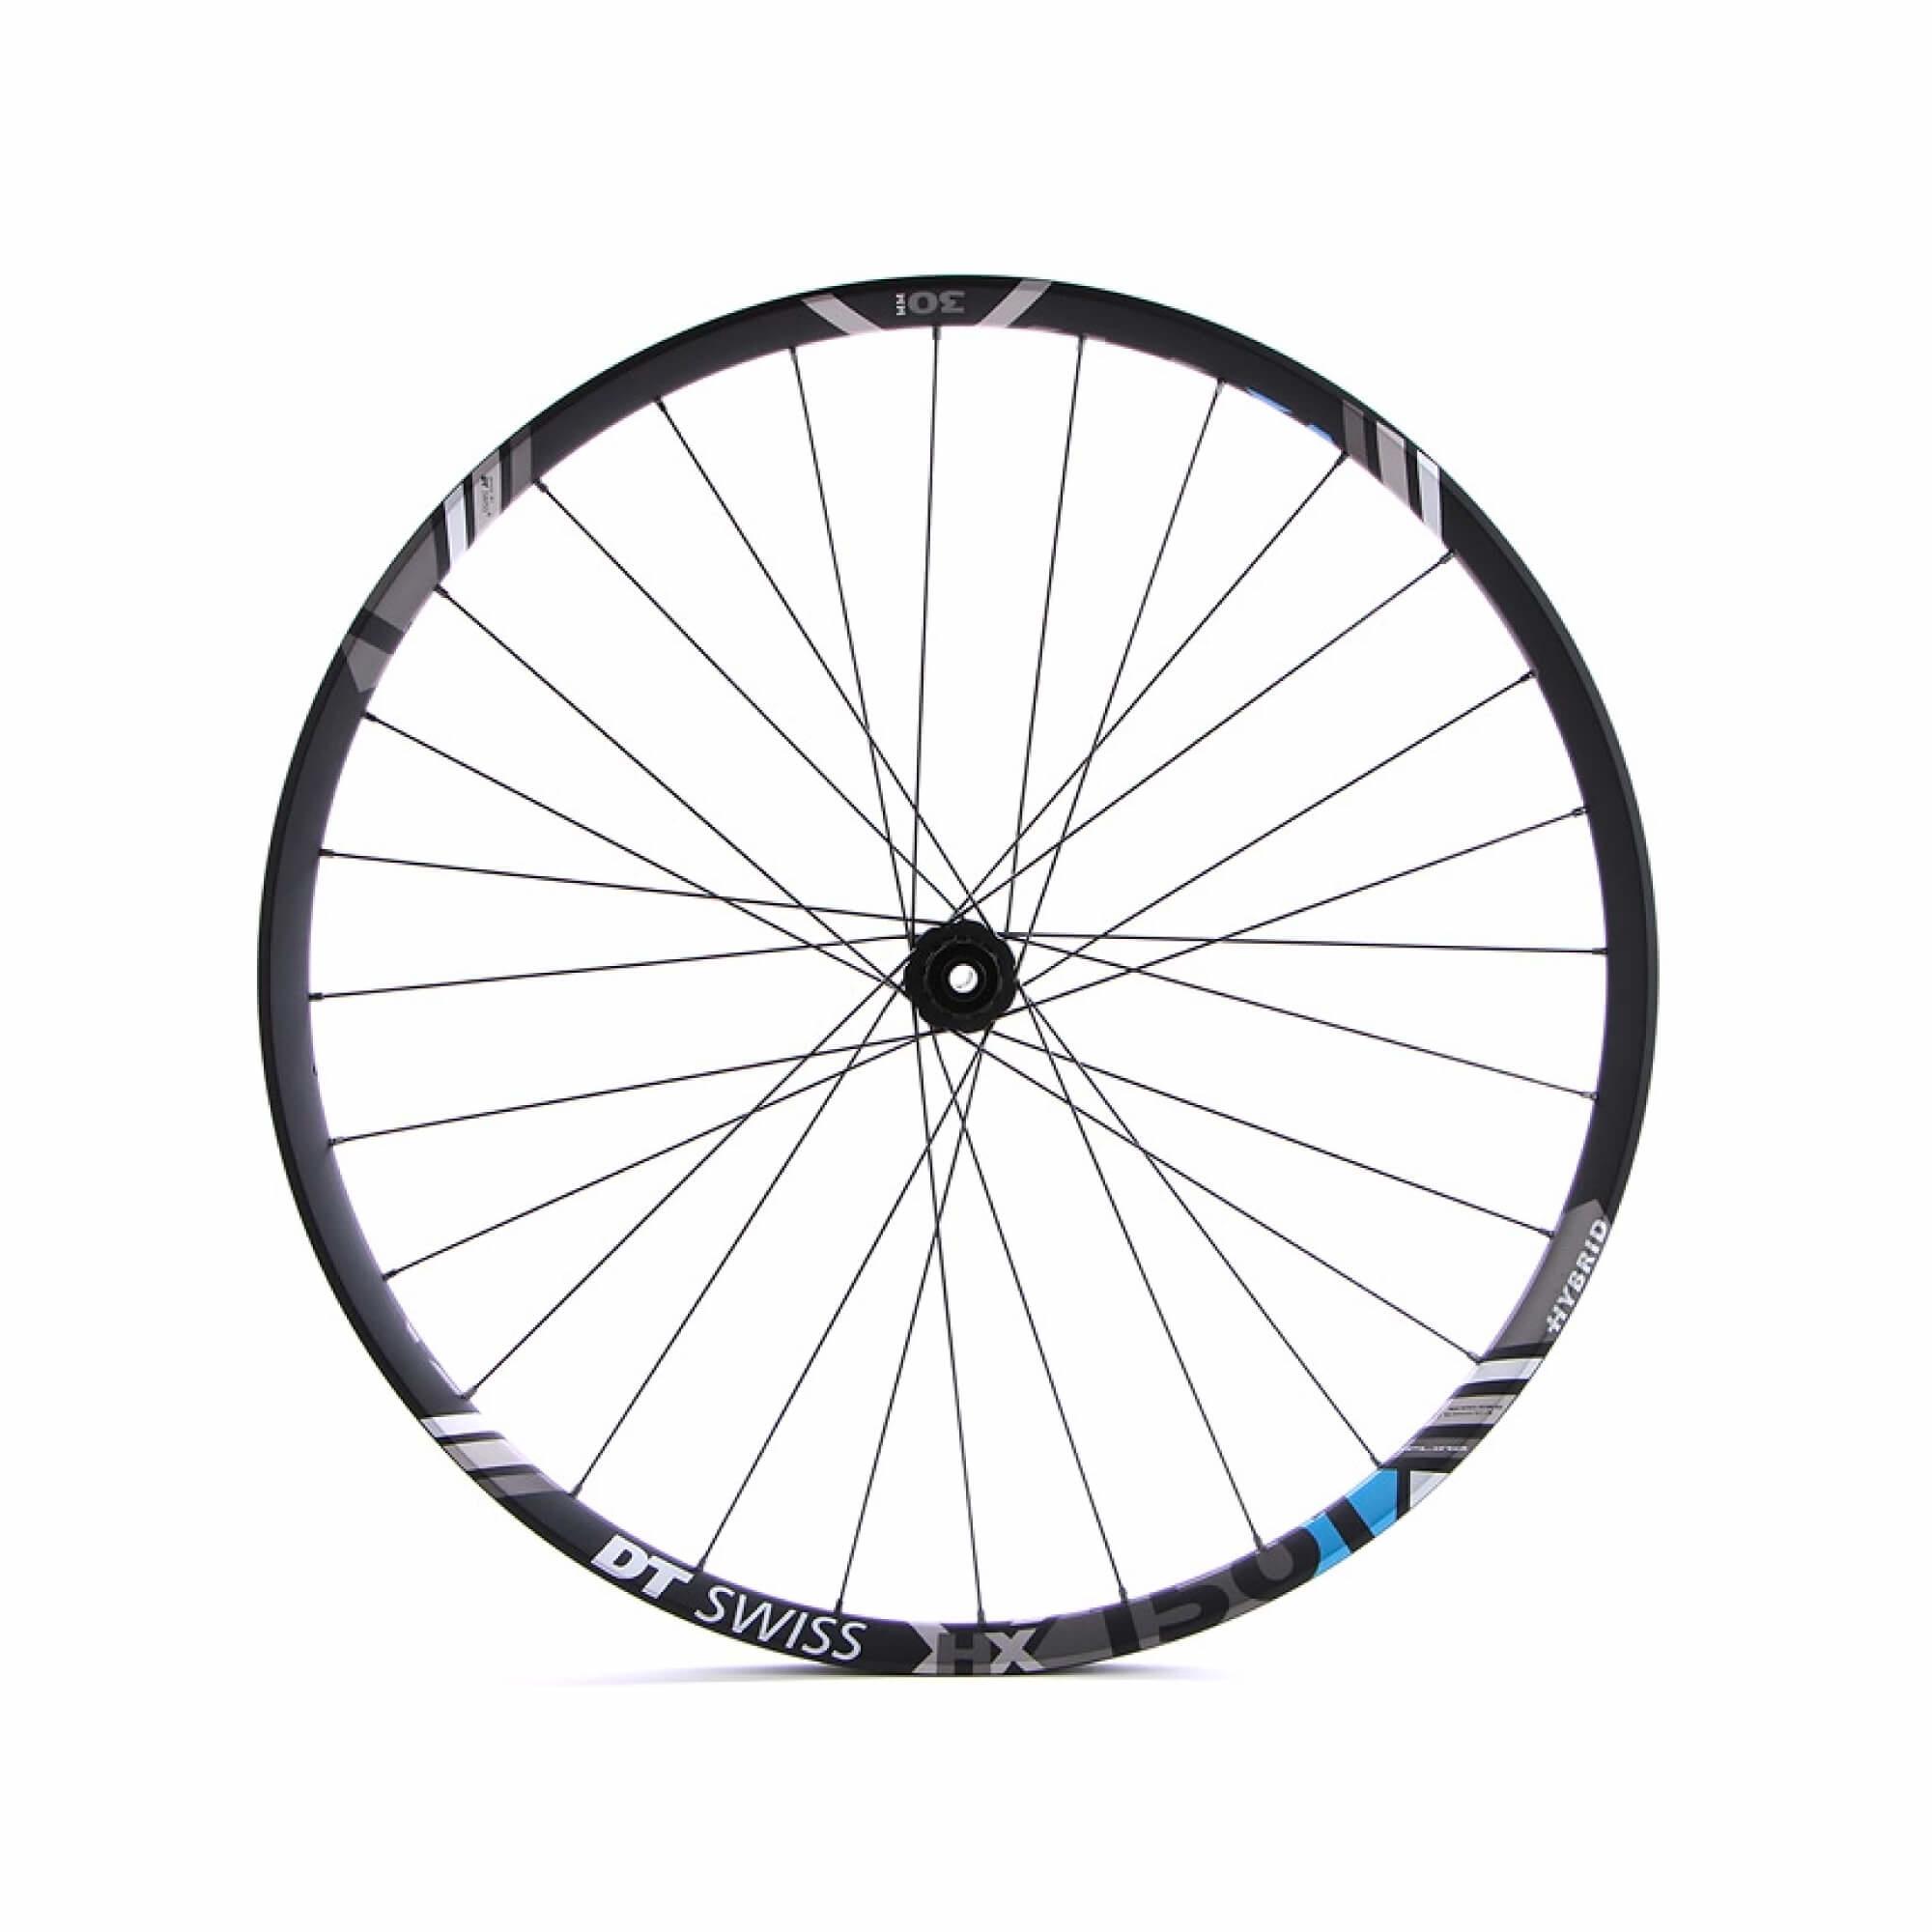 """HX501 Spline 27.5"""" Rear Wheel 12 x 148 mm CL/6B-1"""